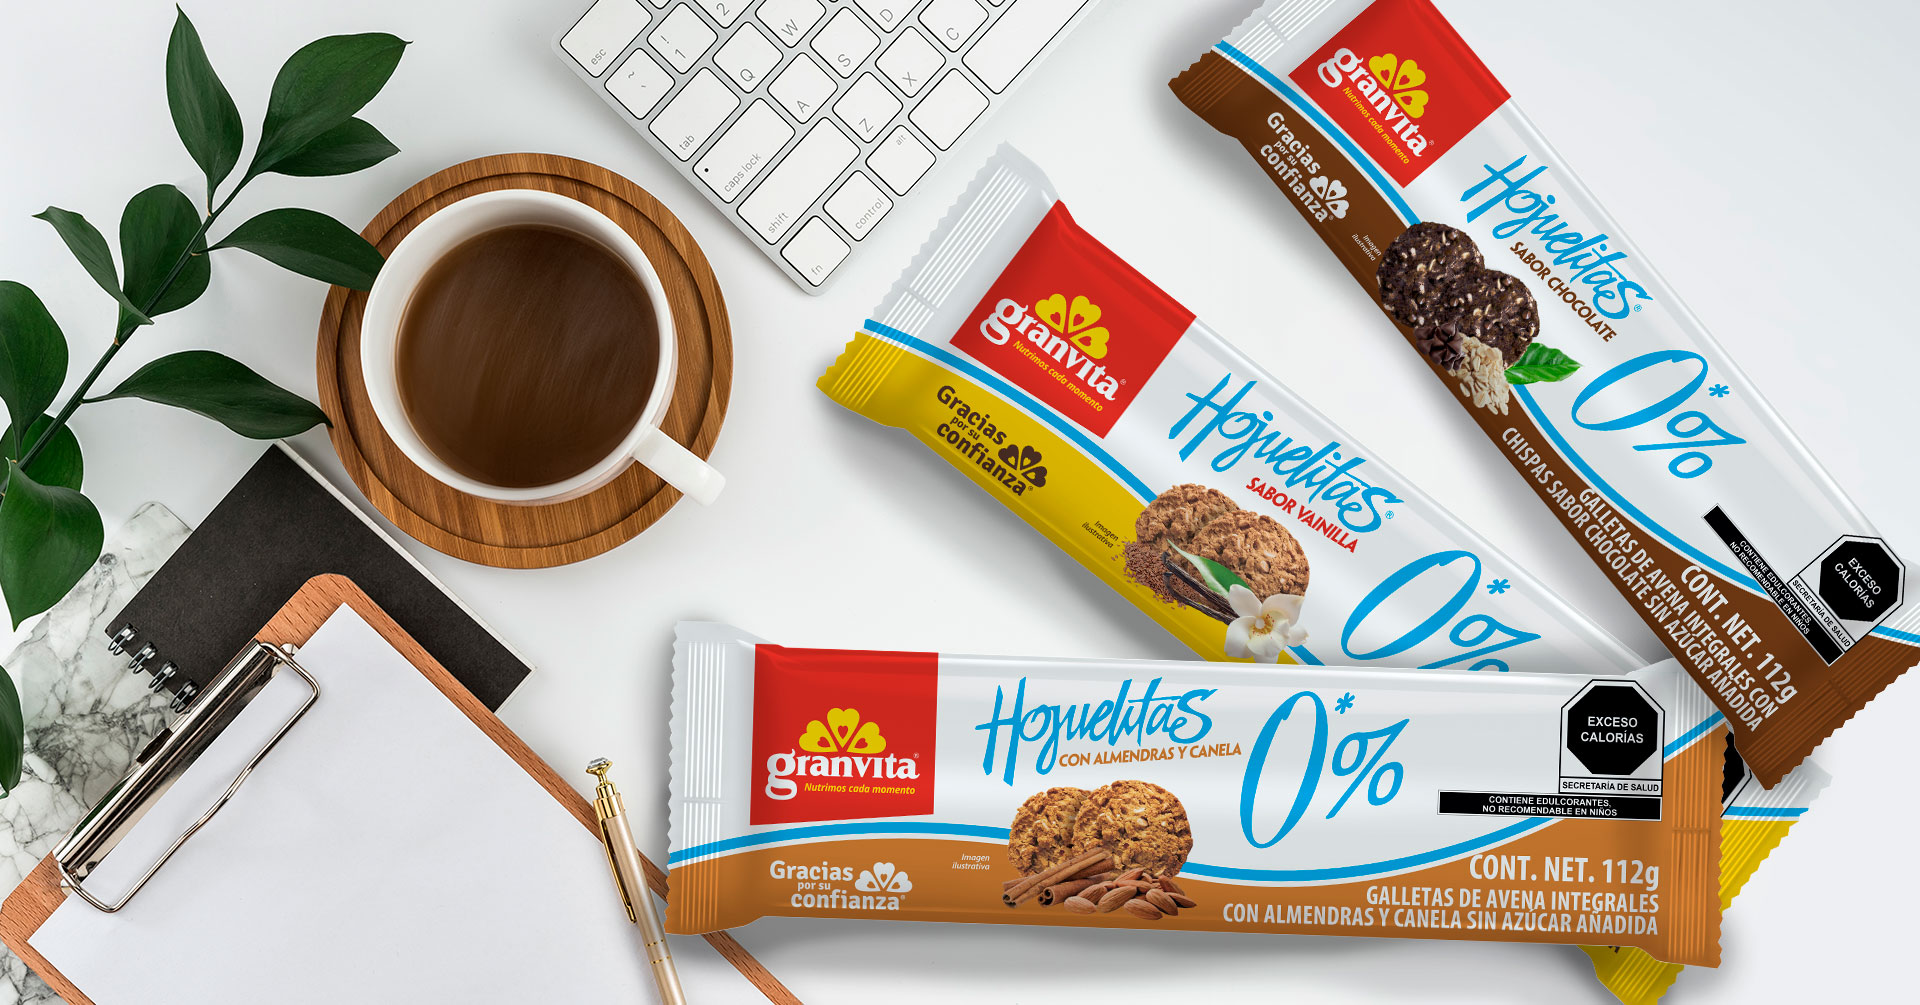 Galletas de avena Hojuelitas 0 %: un snack libre de azúcar que amarás